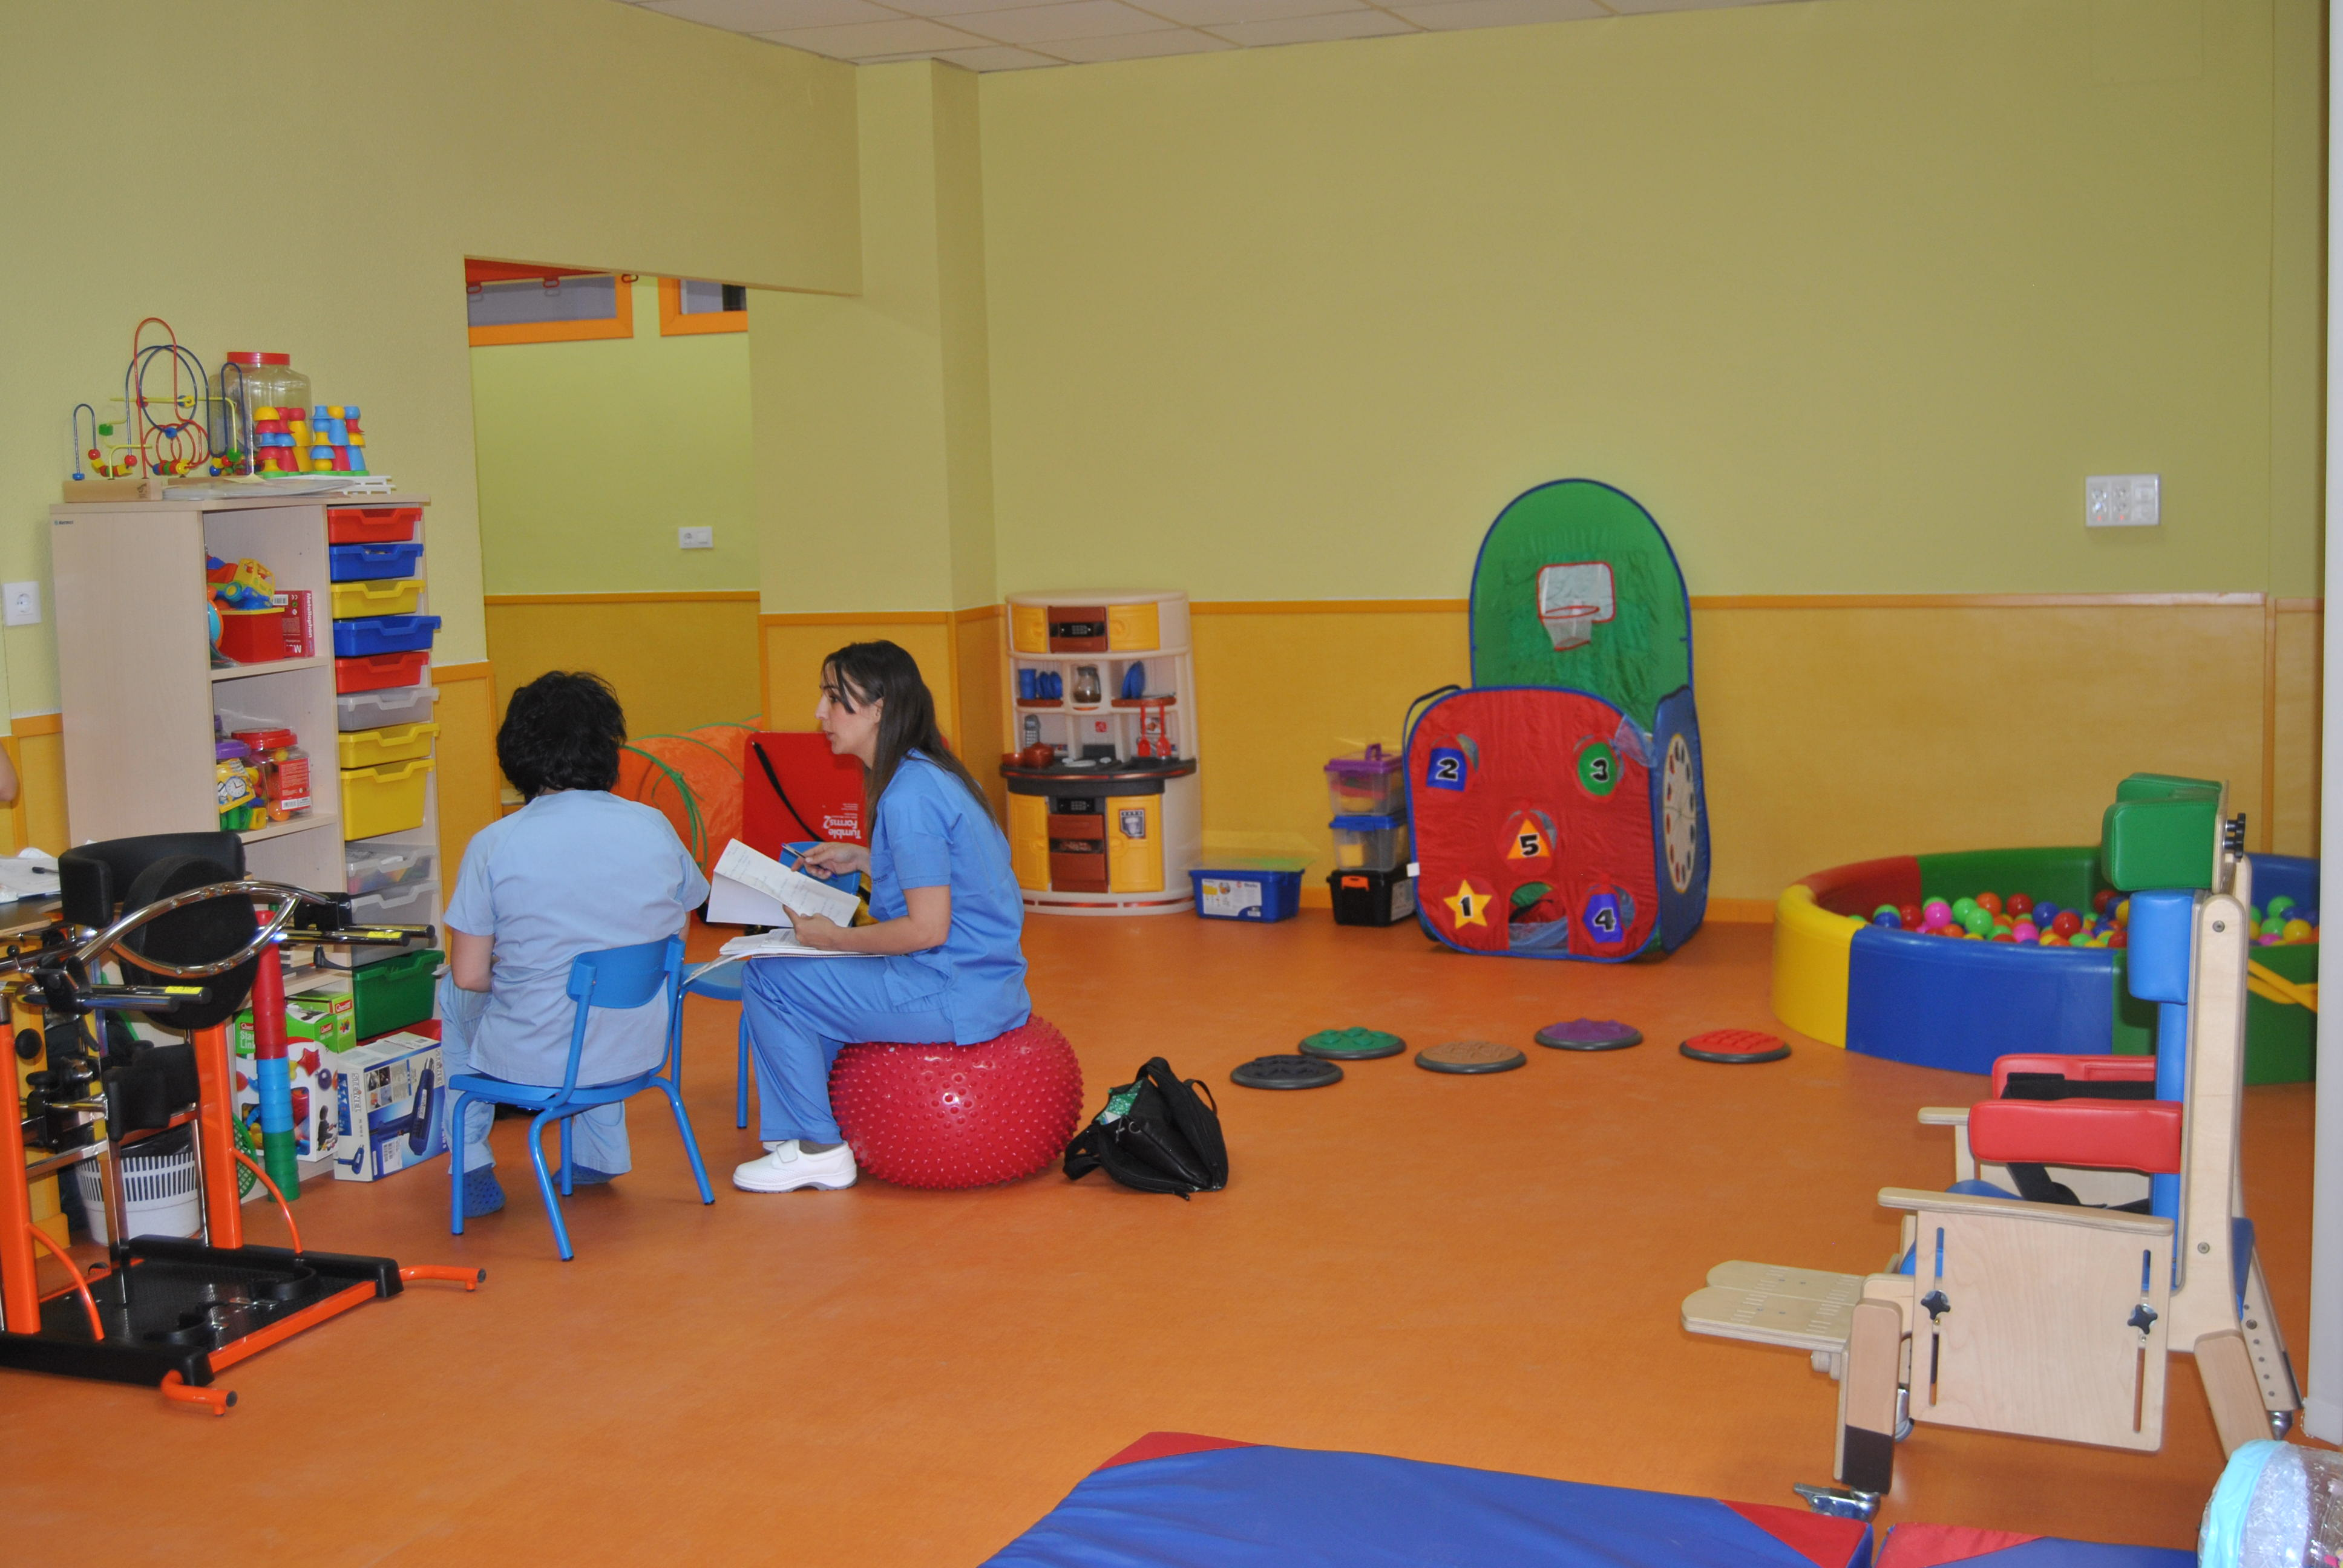 El Hospital de Manises es el único centro que cuenta con una unidad de neurorrehabilitación infantil especializada en autismo integrada en un hospital público valenciano.